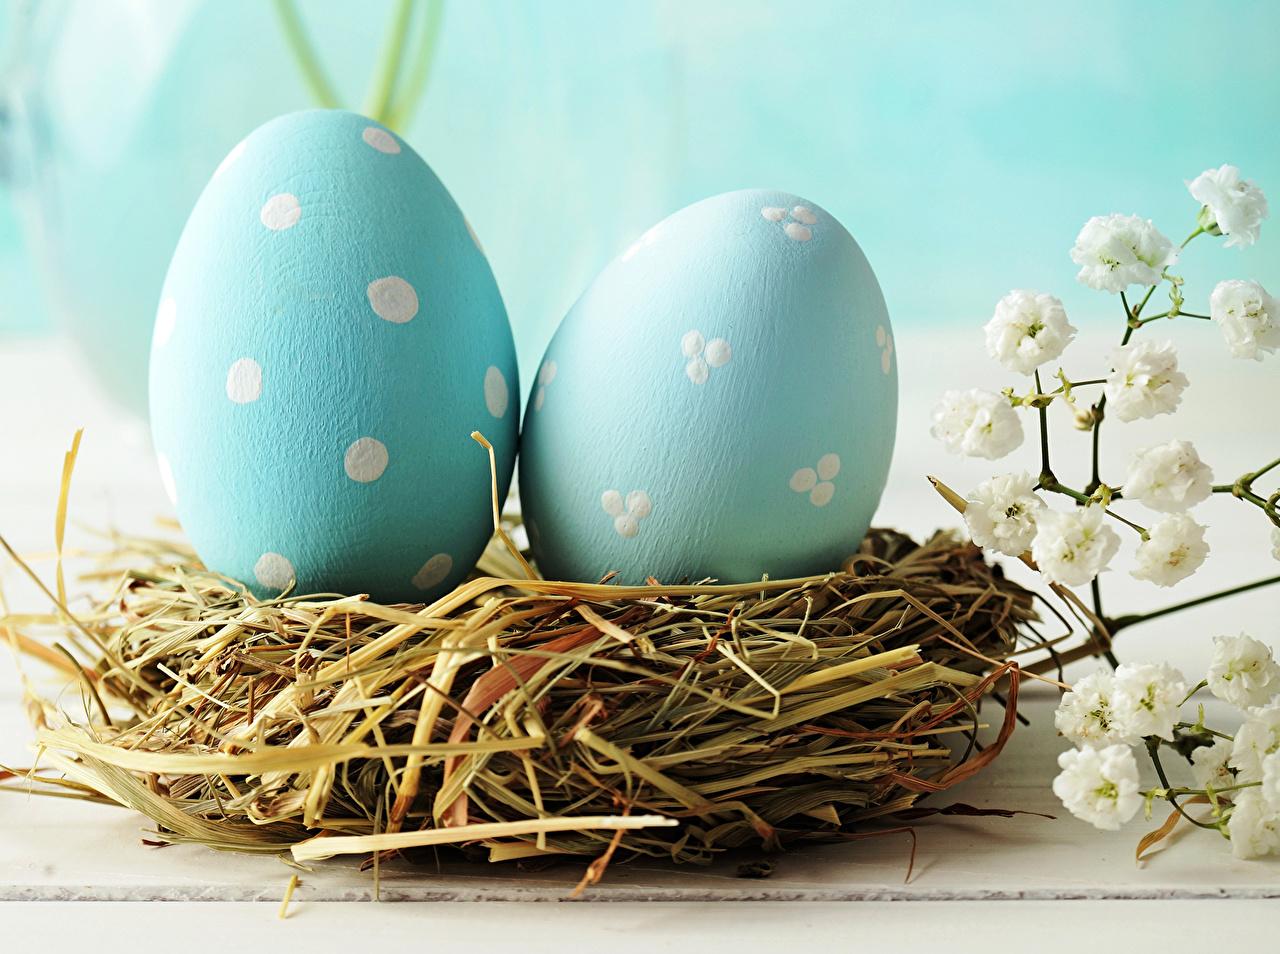 Фото Пасха яйцо два голубых Праздники яиц Яйца яйцами 2 две Двое вдвоем голубая голубые Голубой